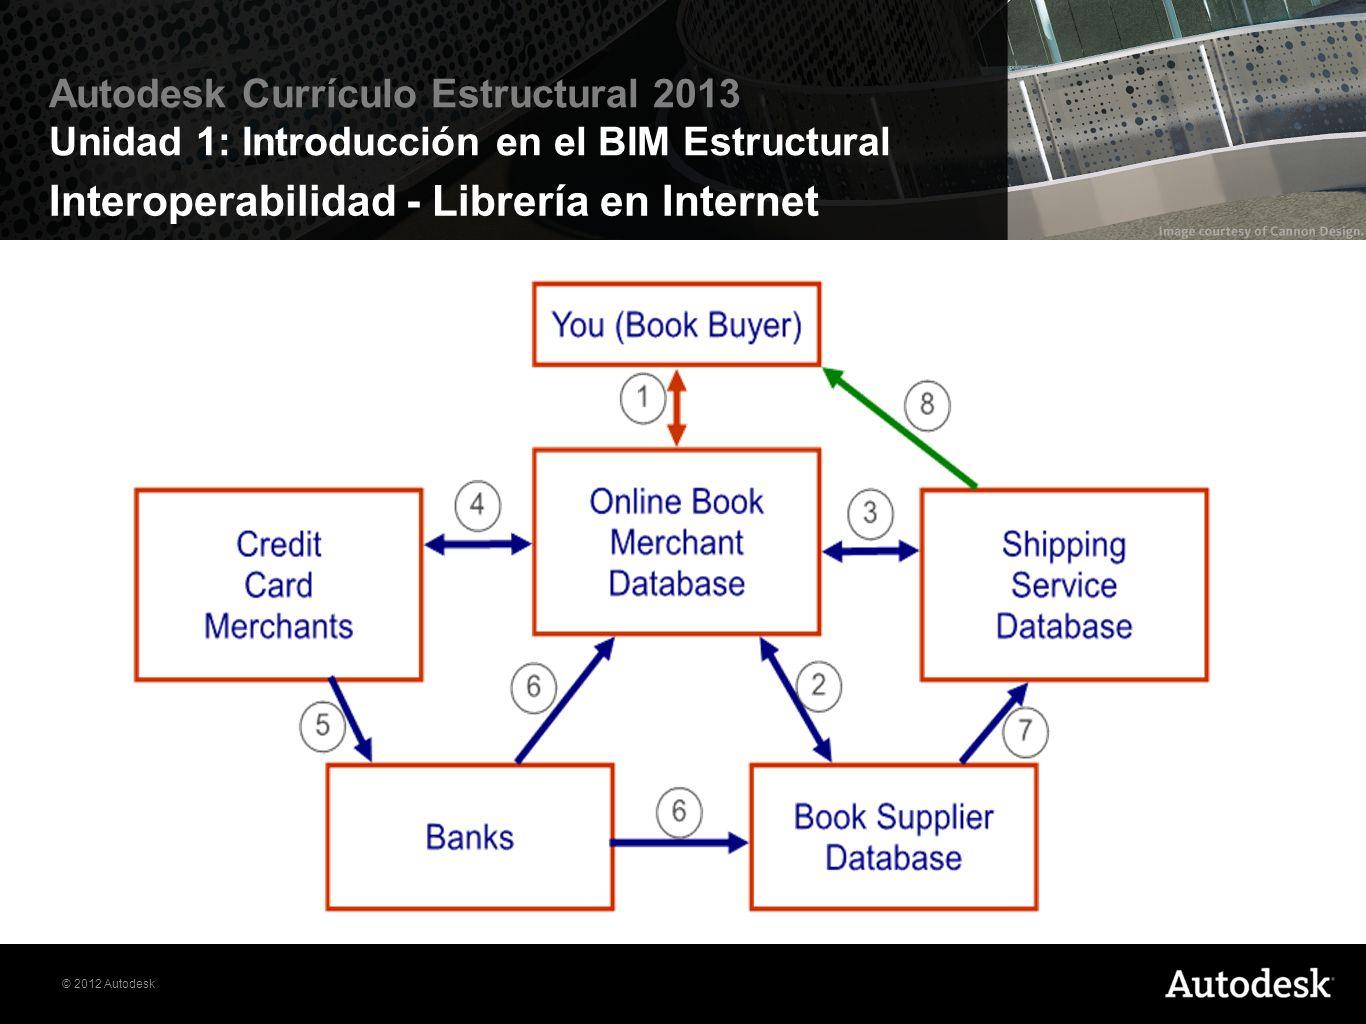 Interoperabilidad - Librería en Internet